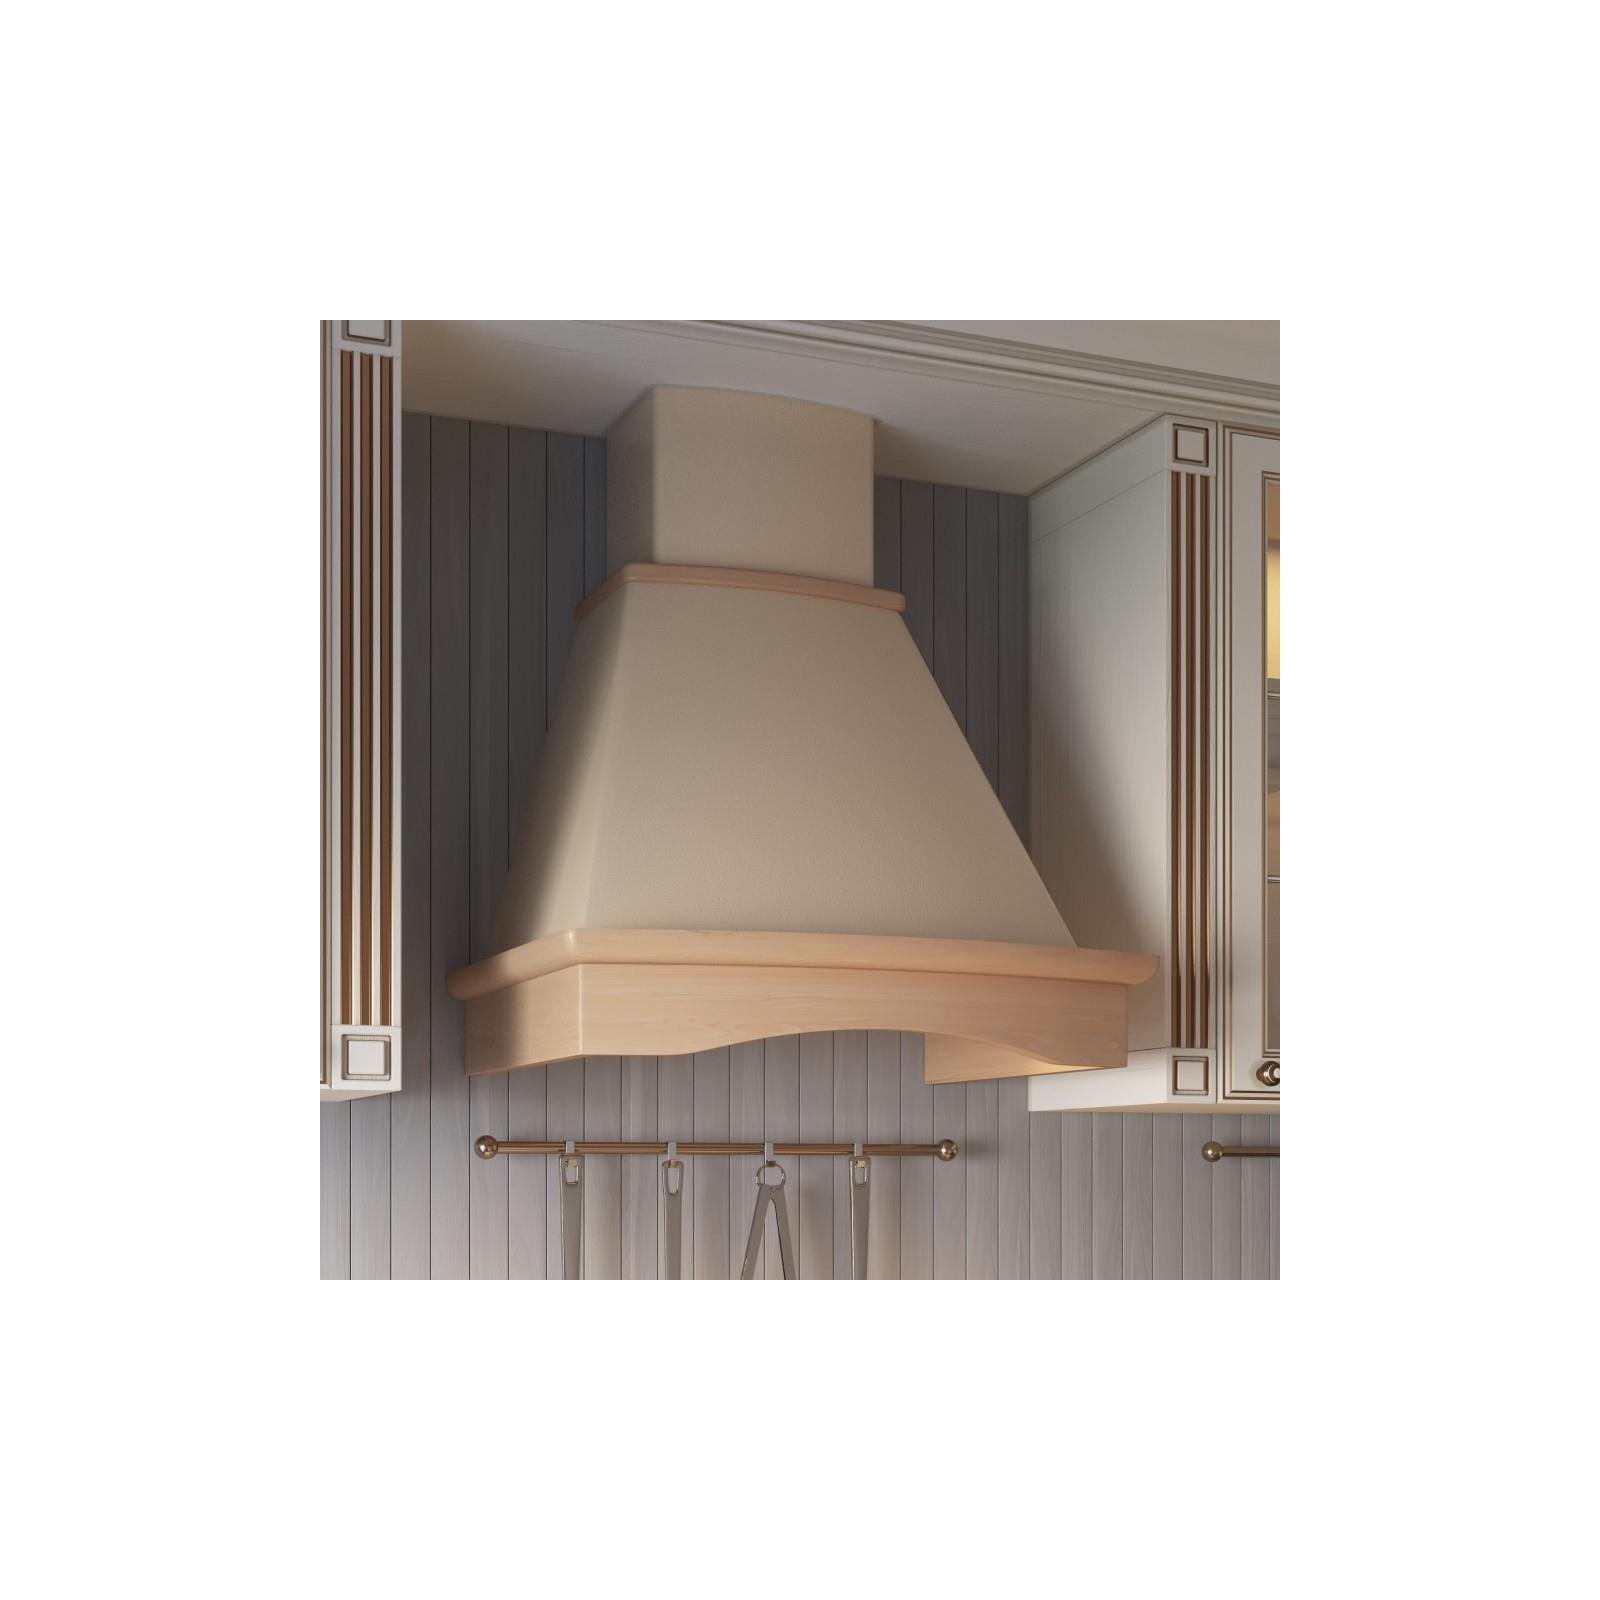 Вытяжка кухонная Eleyus Tempo 1000 LED SMD 90 N BL изображение 11